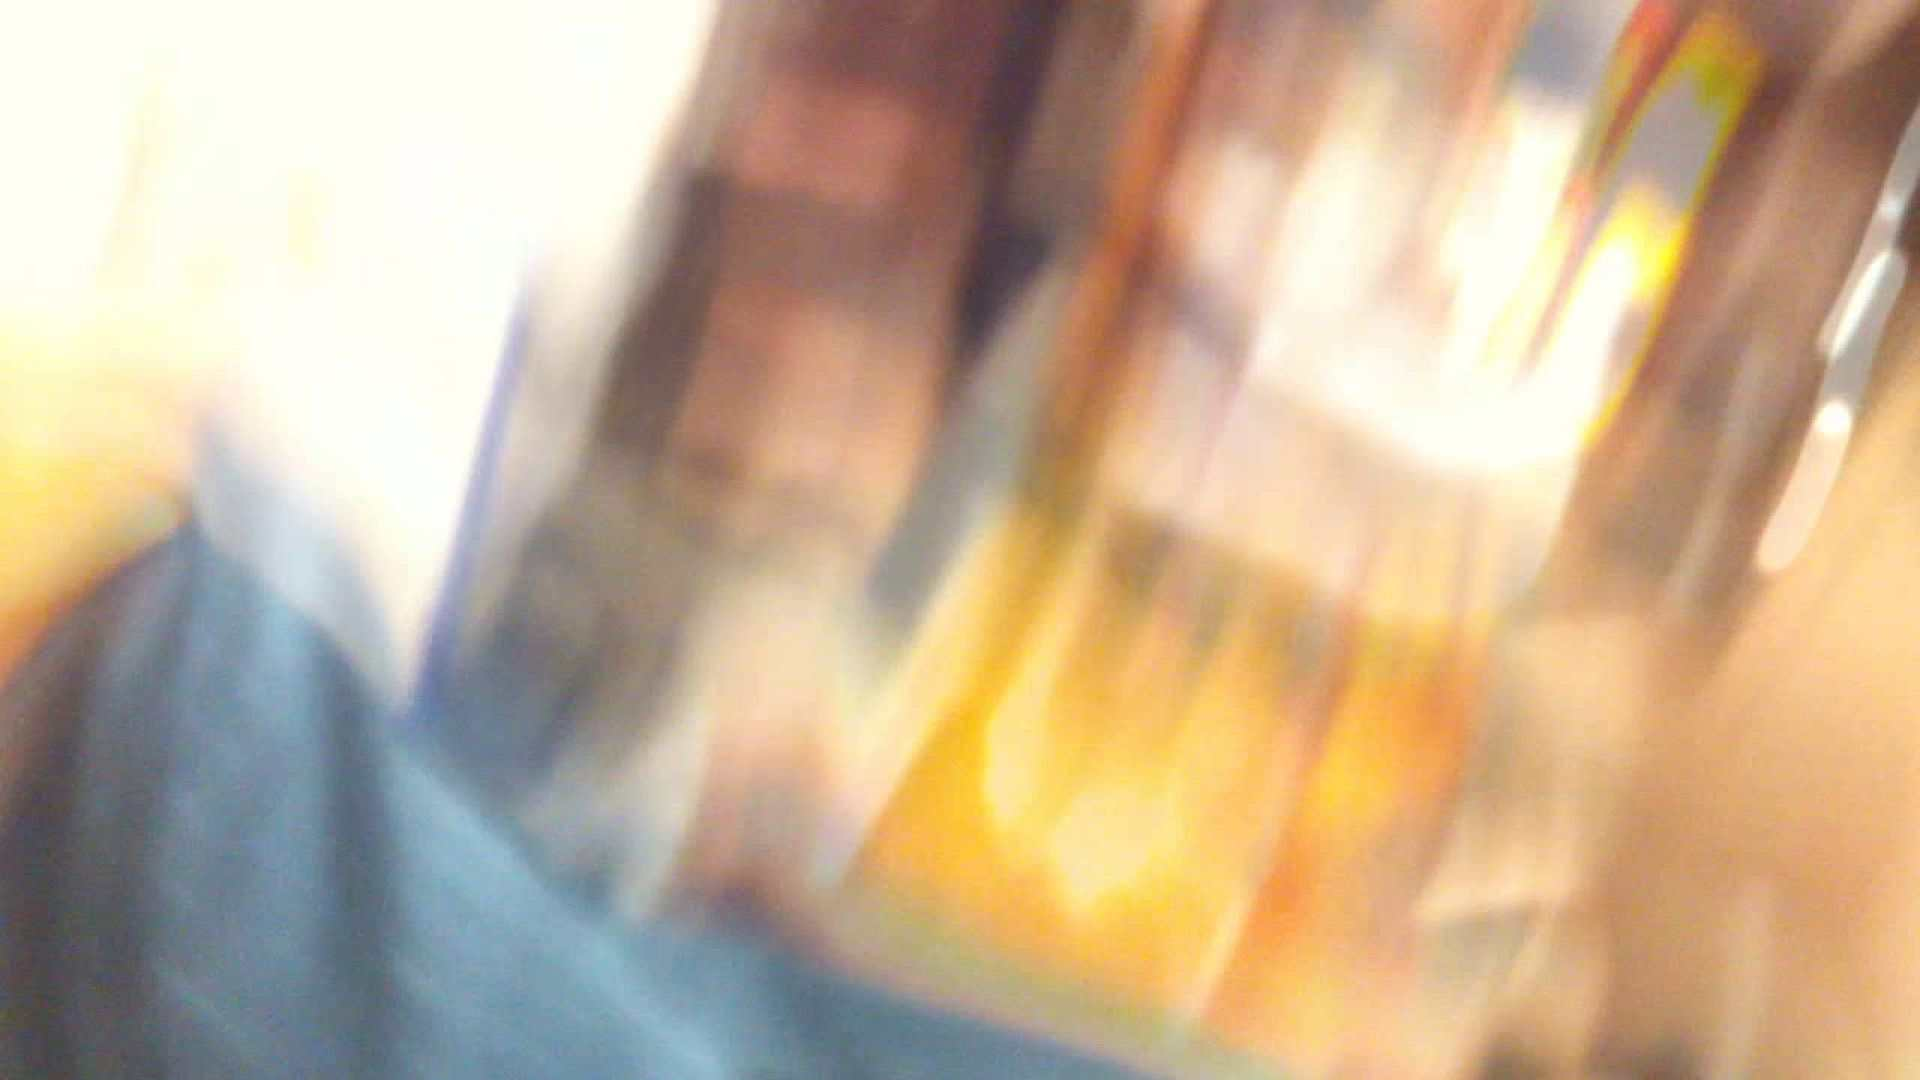 フルHD ショップ店員千人斬り! 大画面ノーカット完全版 vol.01 OLの実態 盗撮オマンコ無修正動画無料 73pic 54